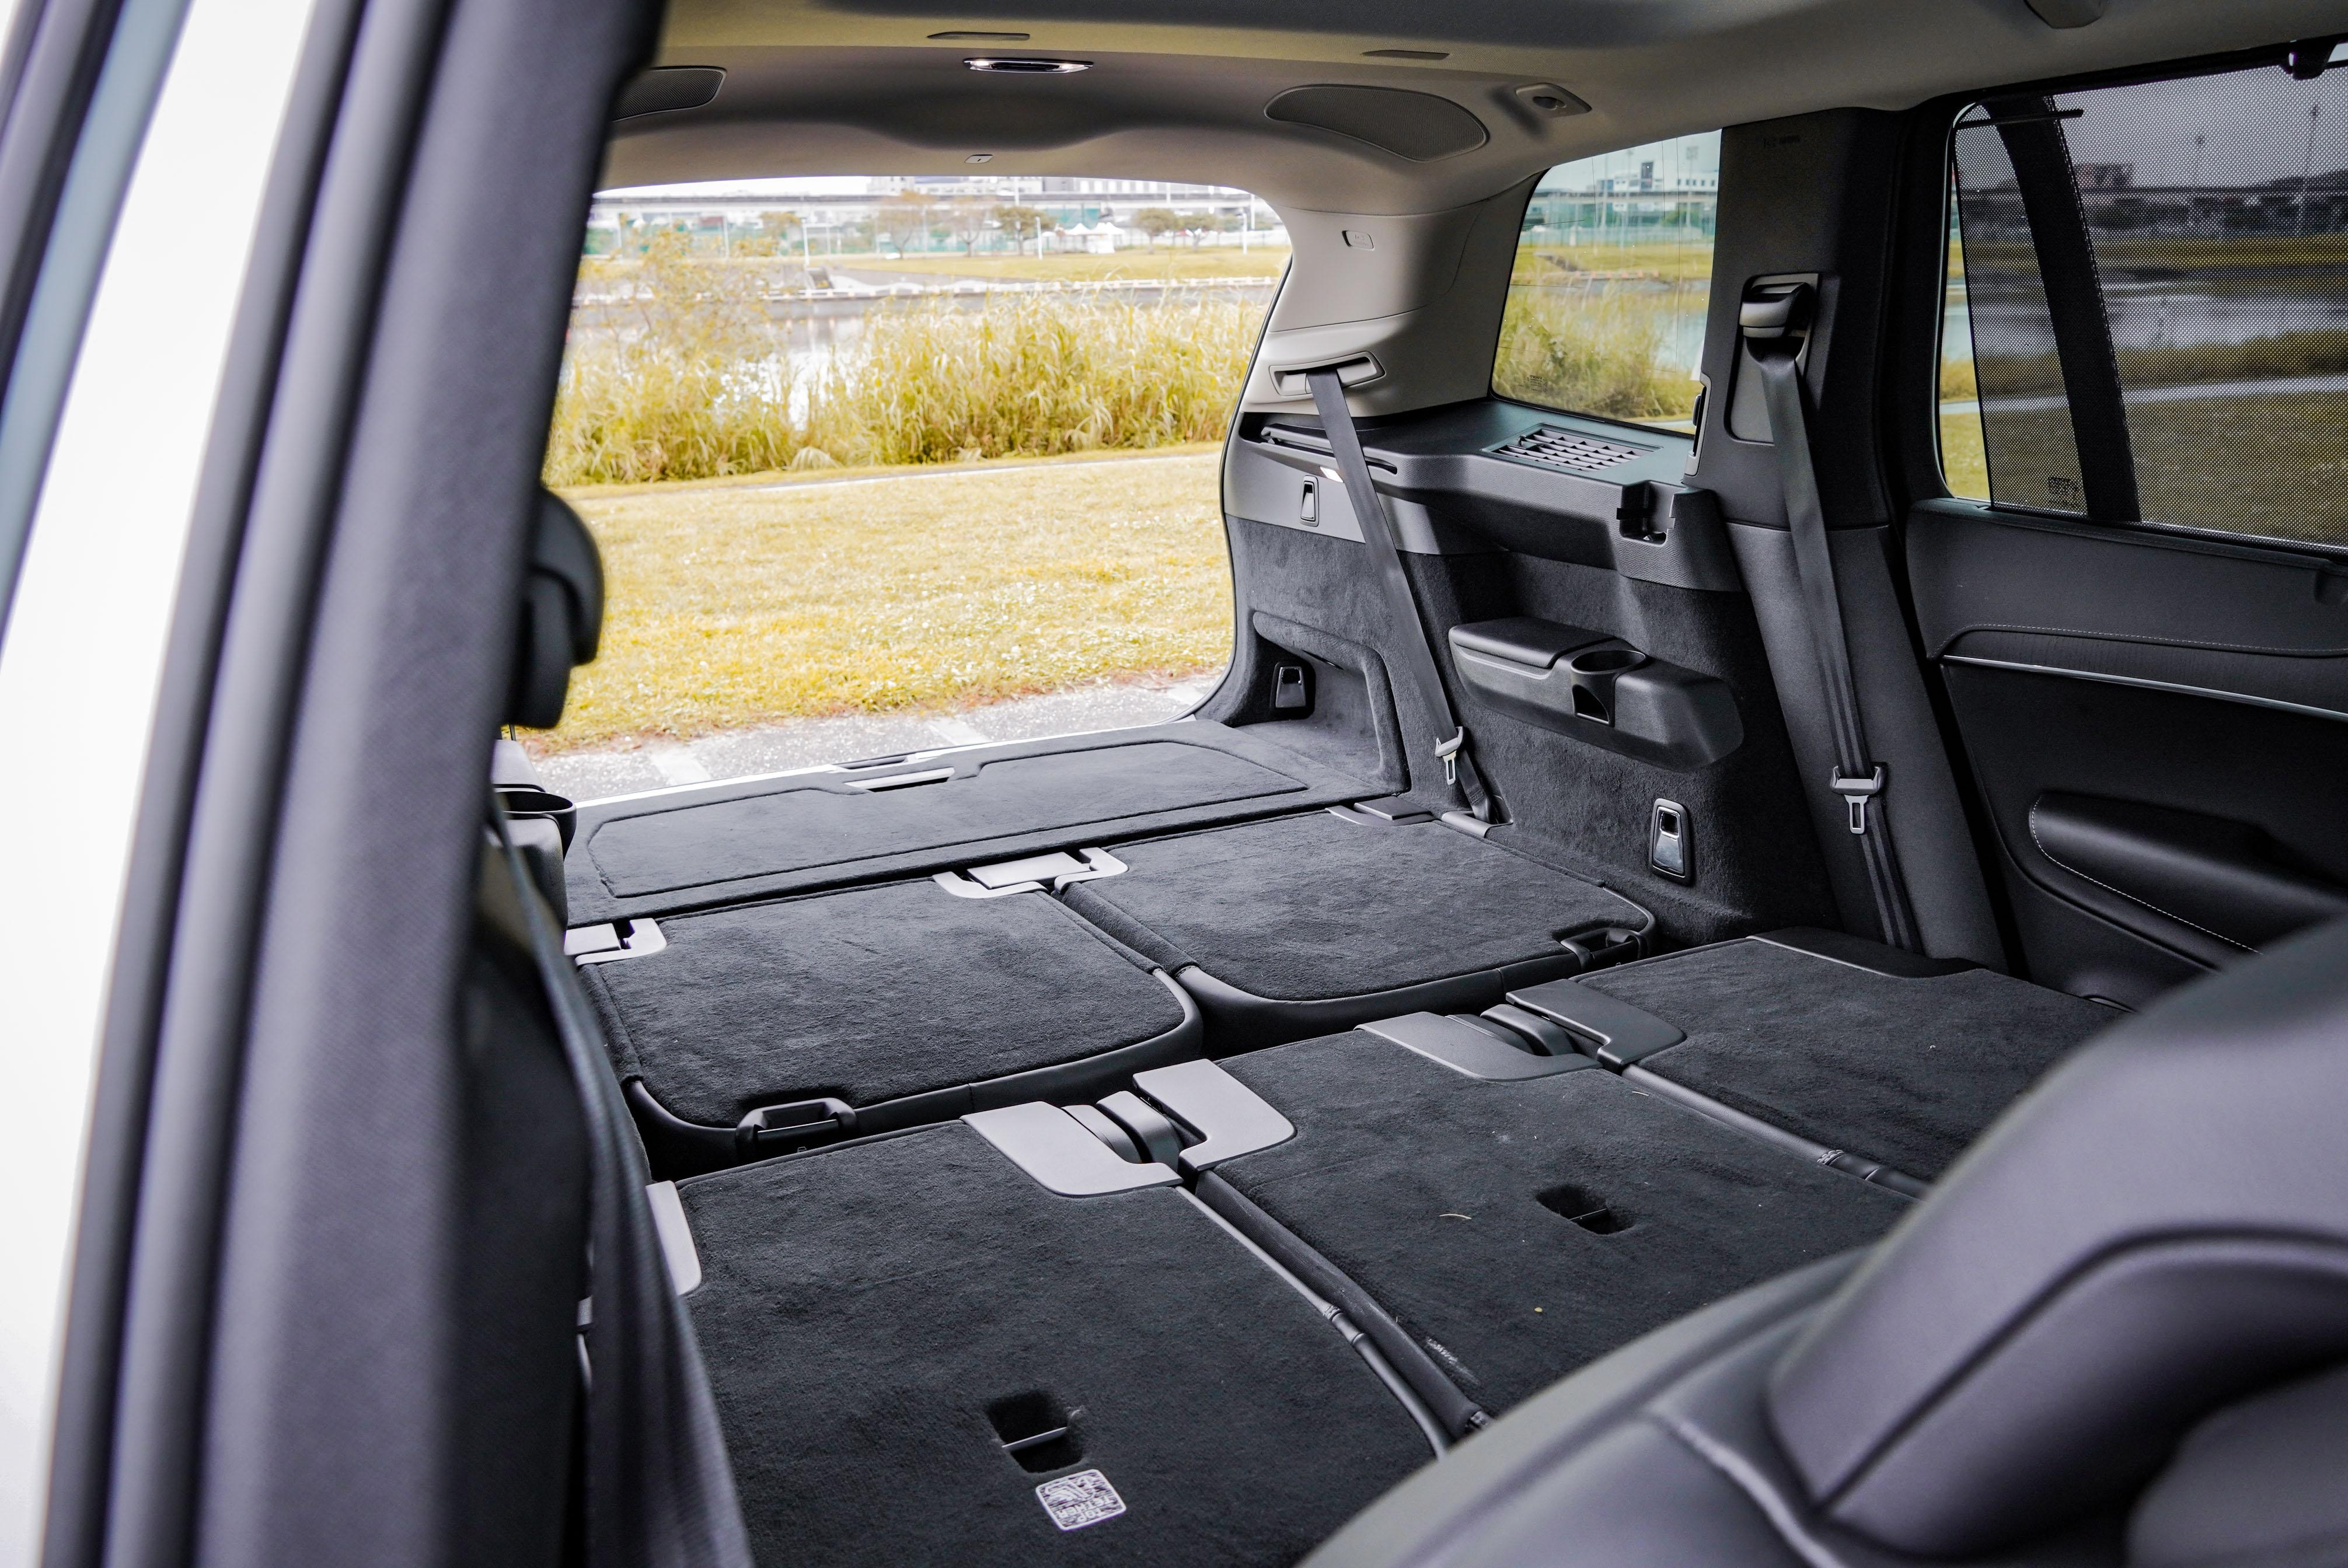 座椅全部傾倒後,後廂容積放大到 1,816 L 之譜。